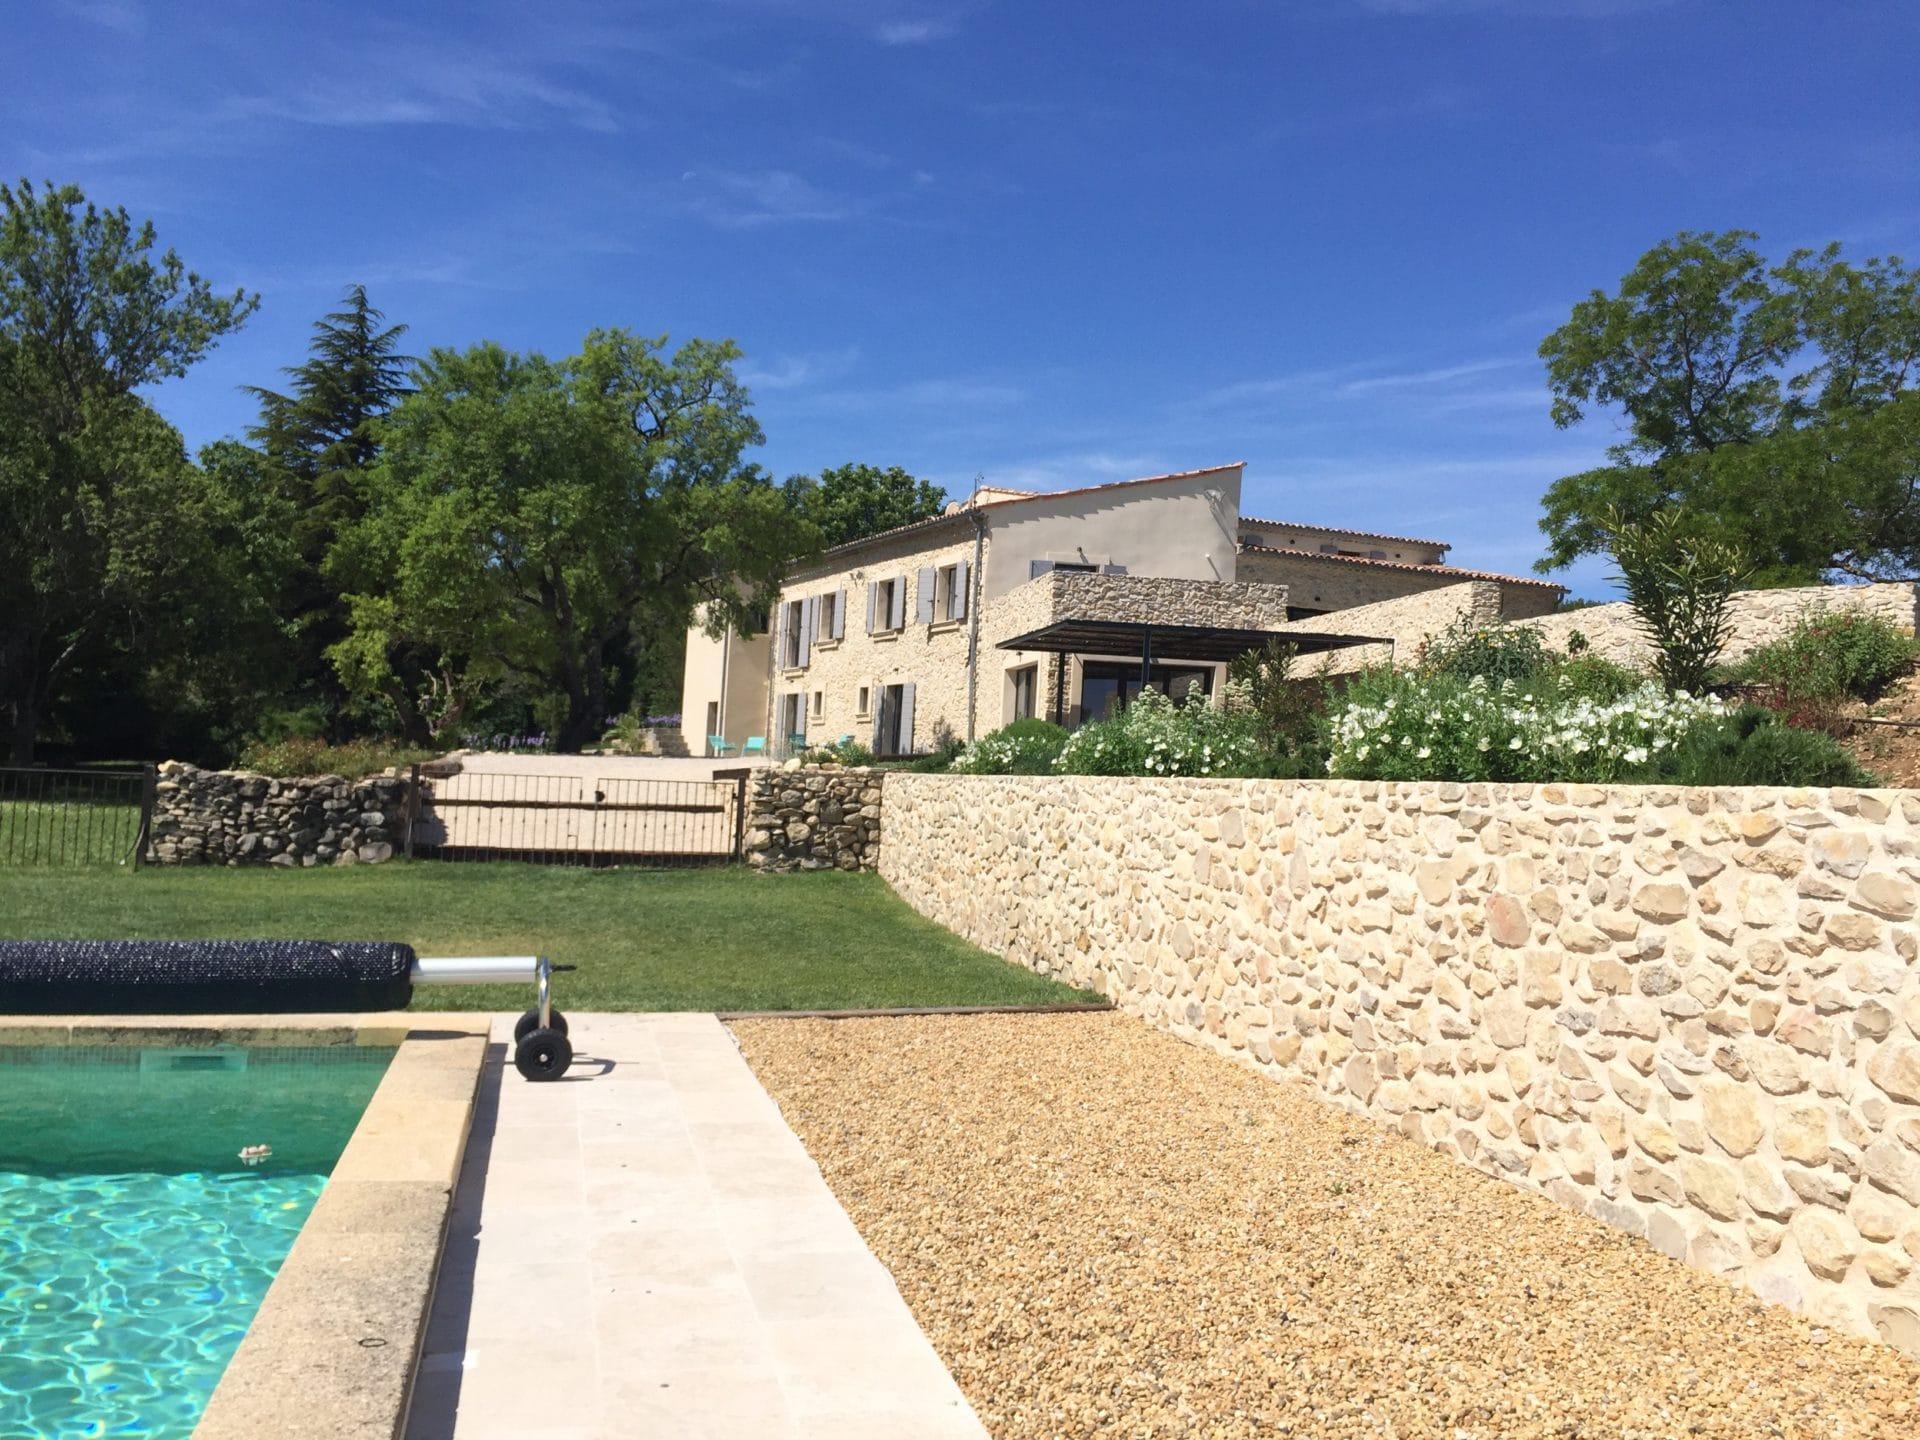 maison-d-hotes-aix-en-provence-piscine